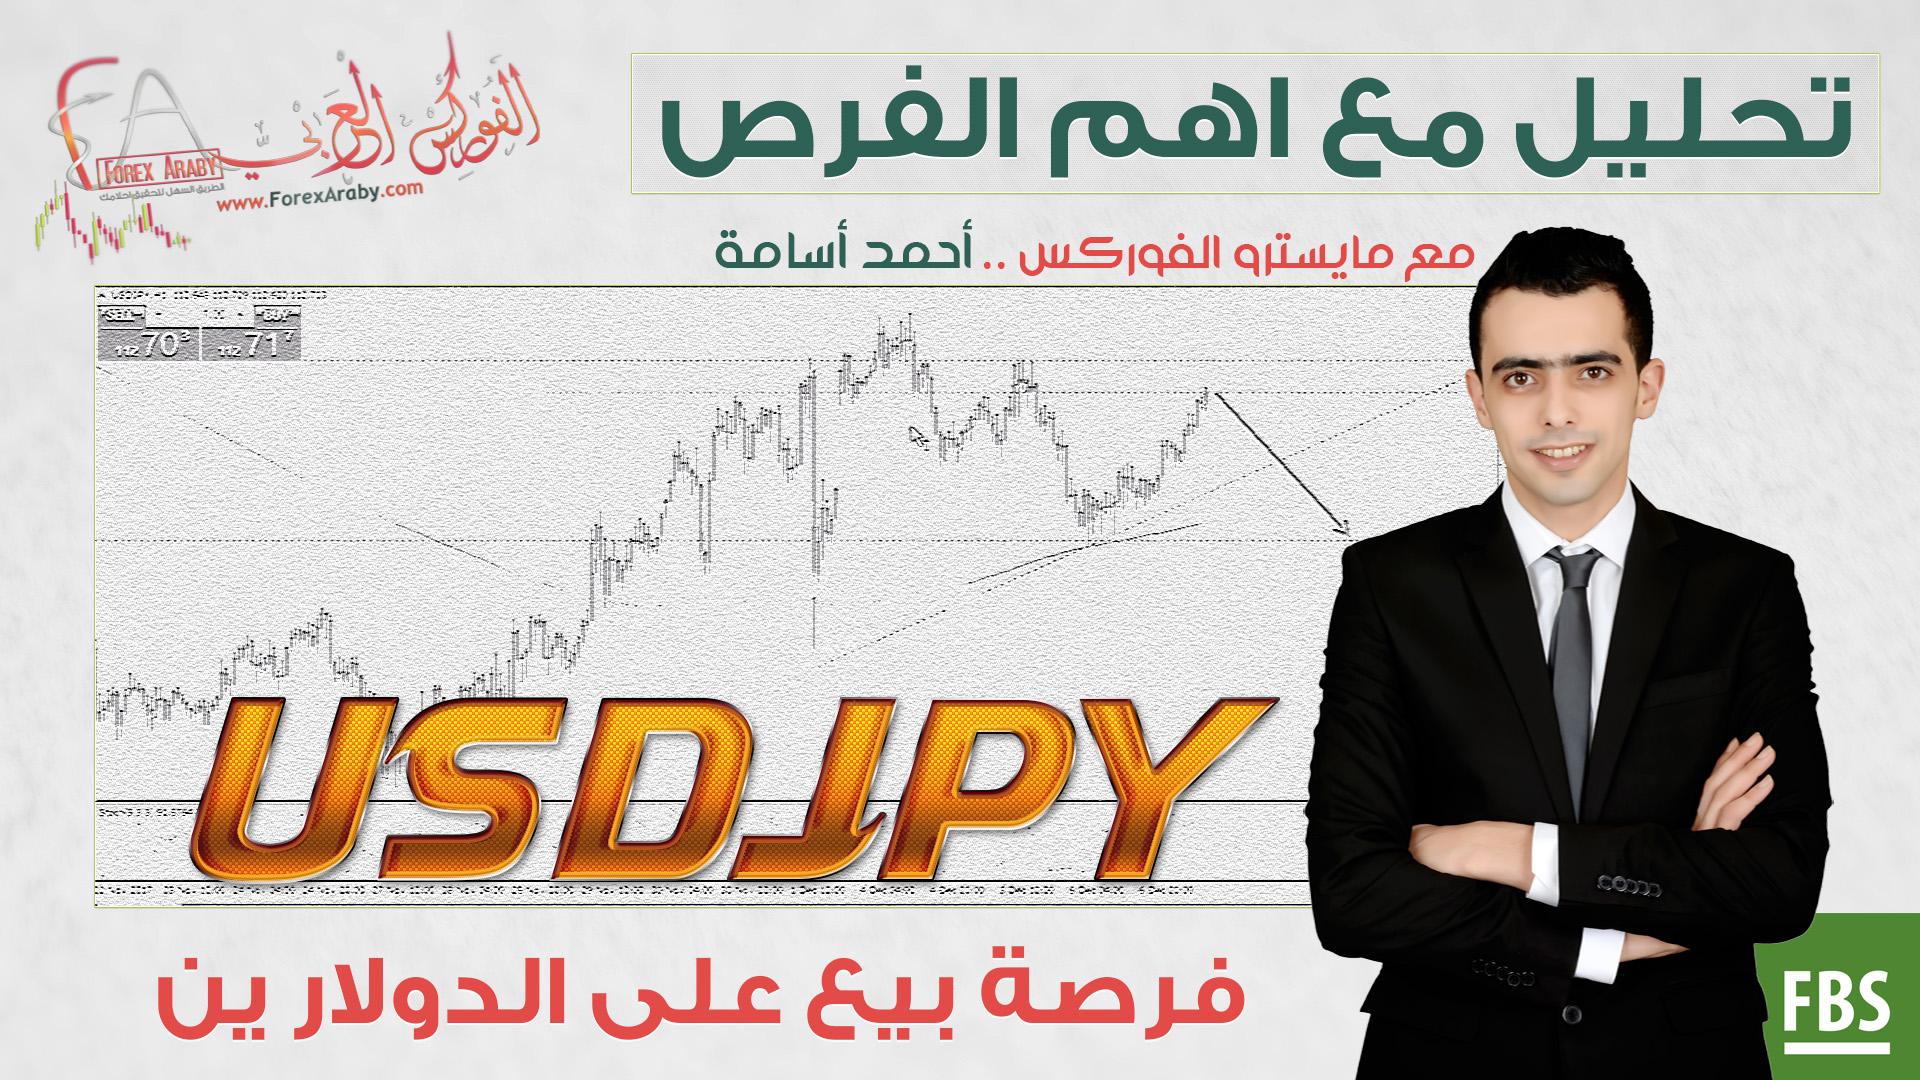 فرصة بيع على الدولار ين usdjpy